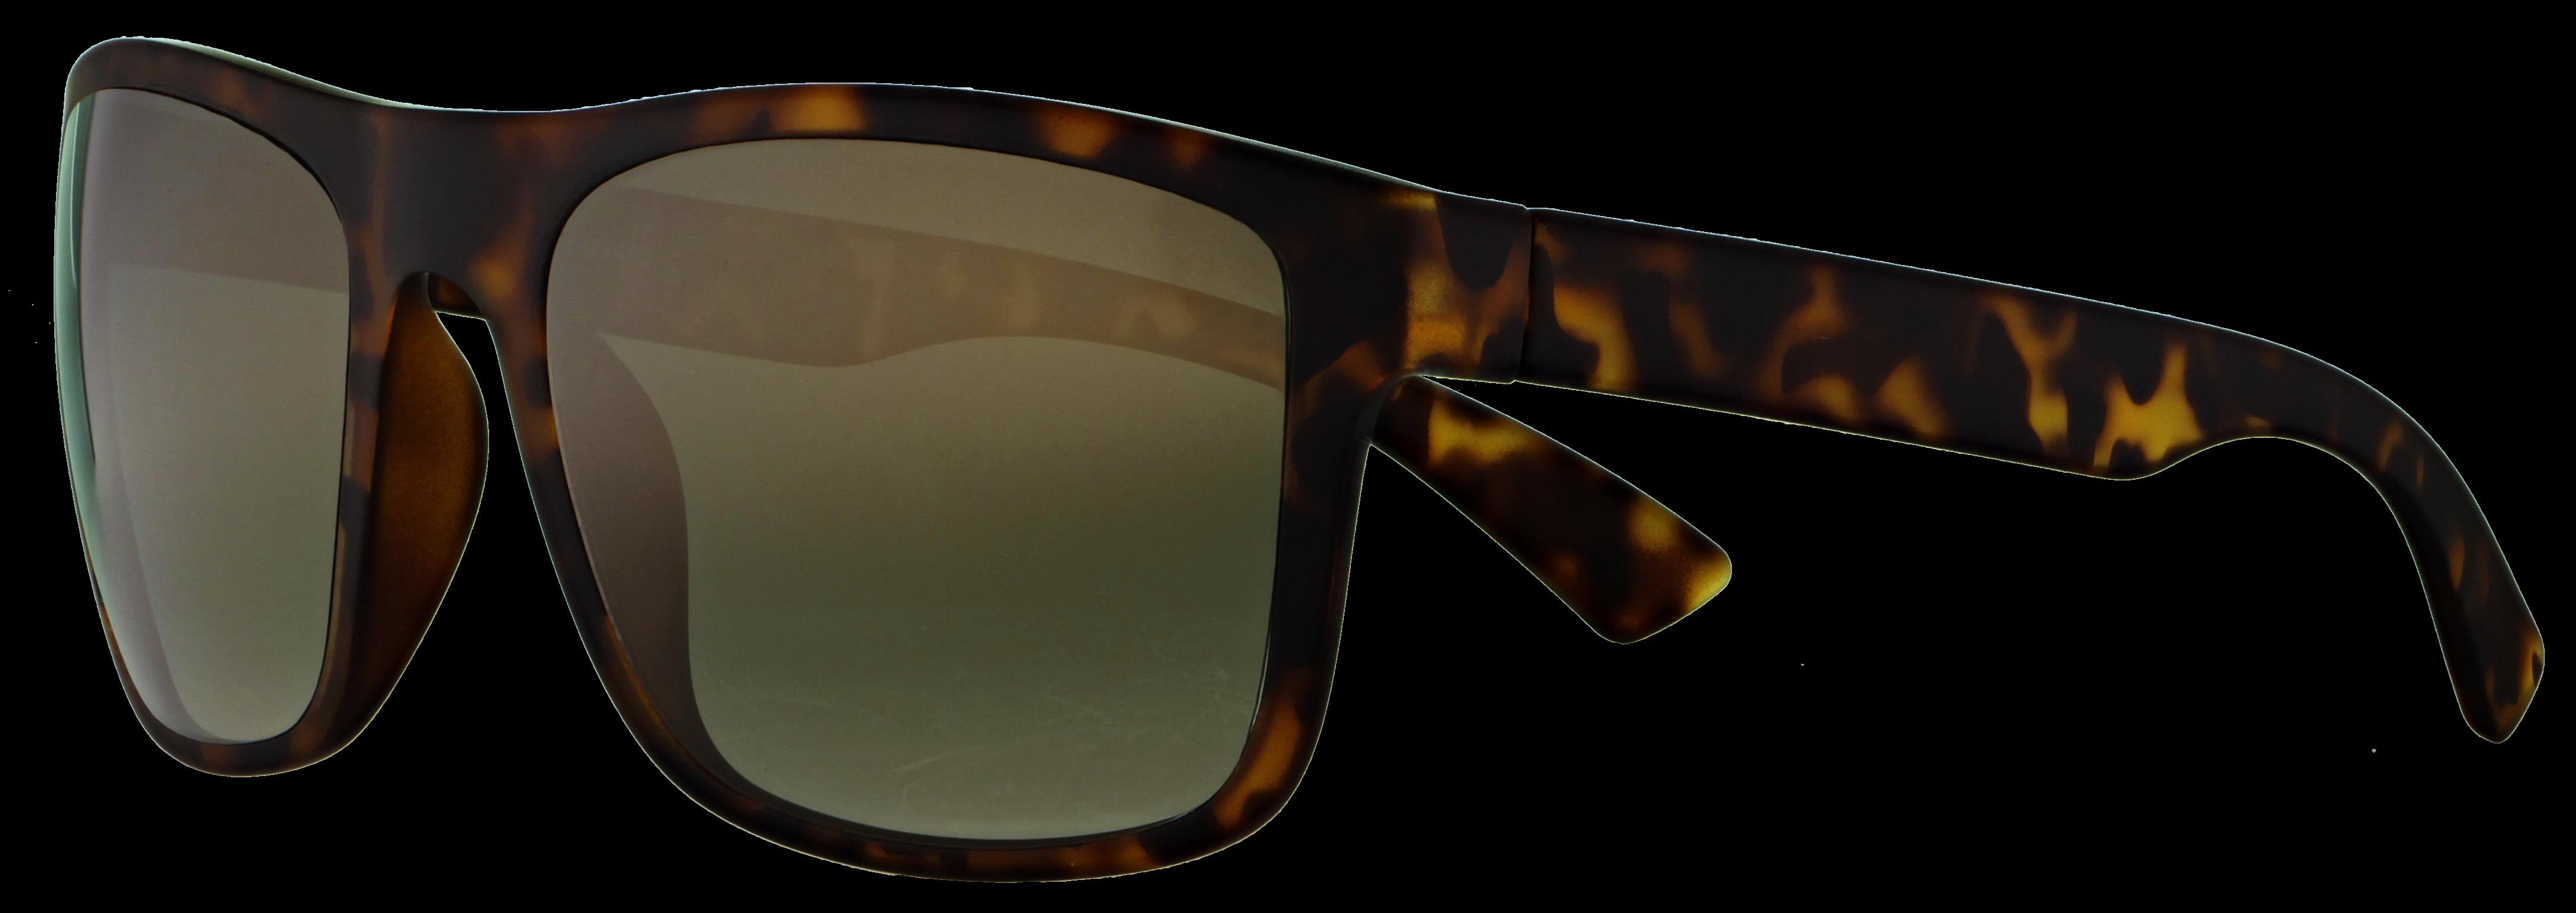 abele optik 718612